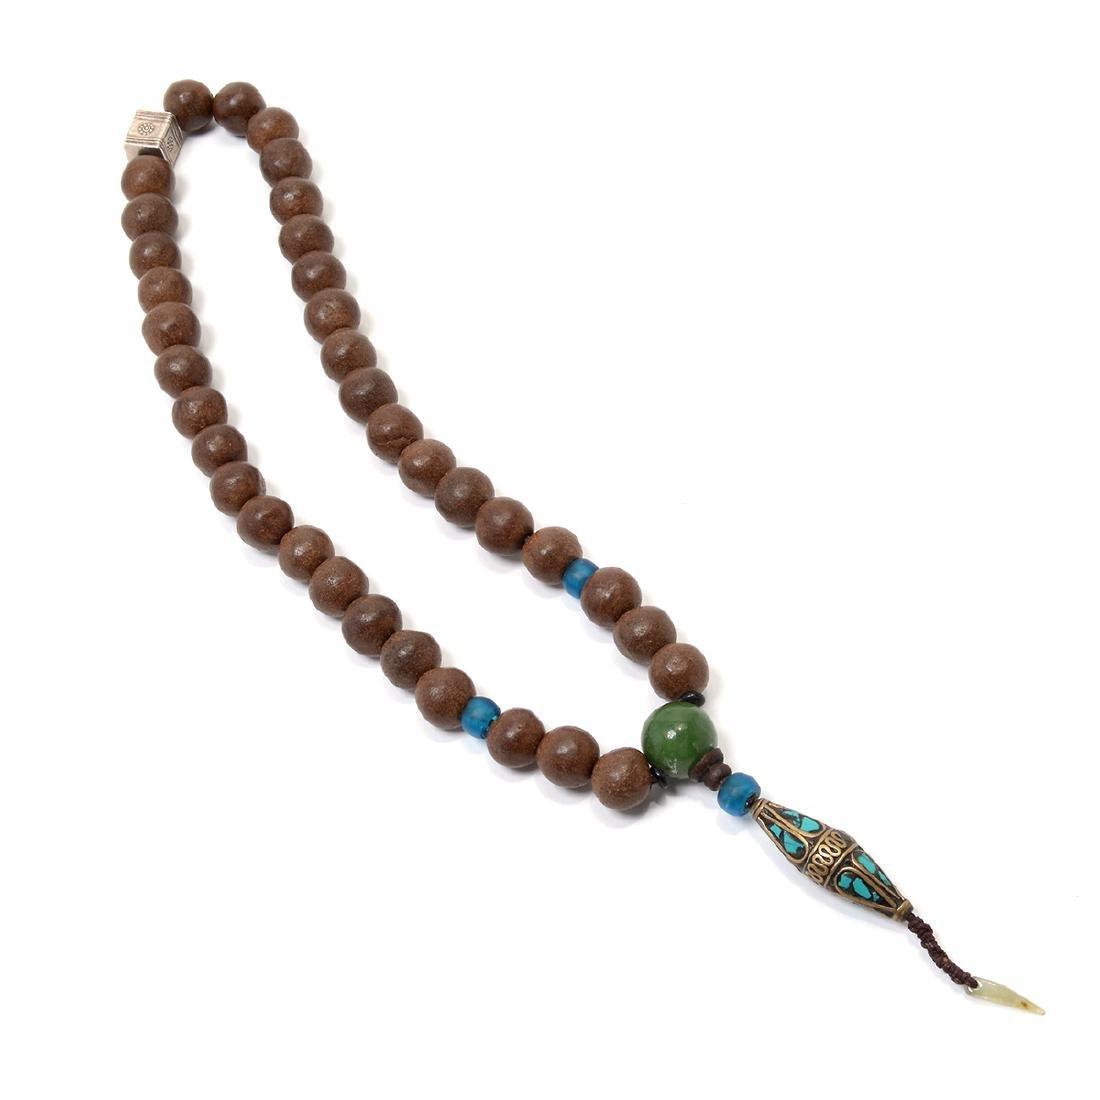 Medicinal Prayer Beads